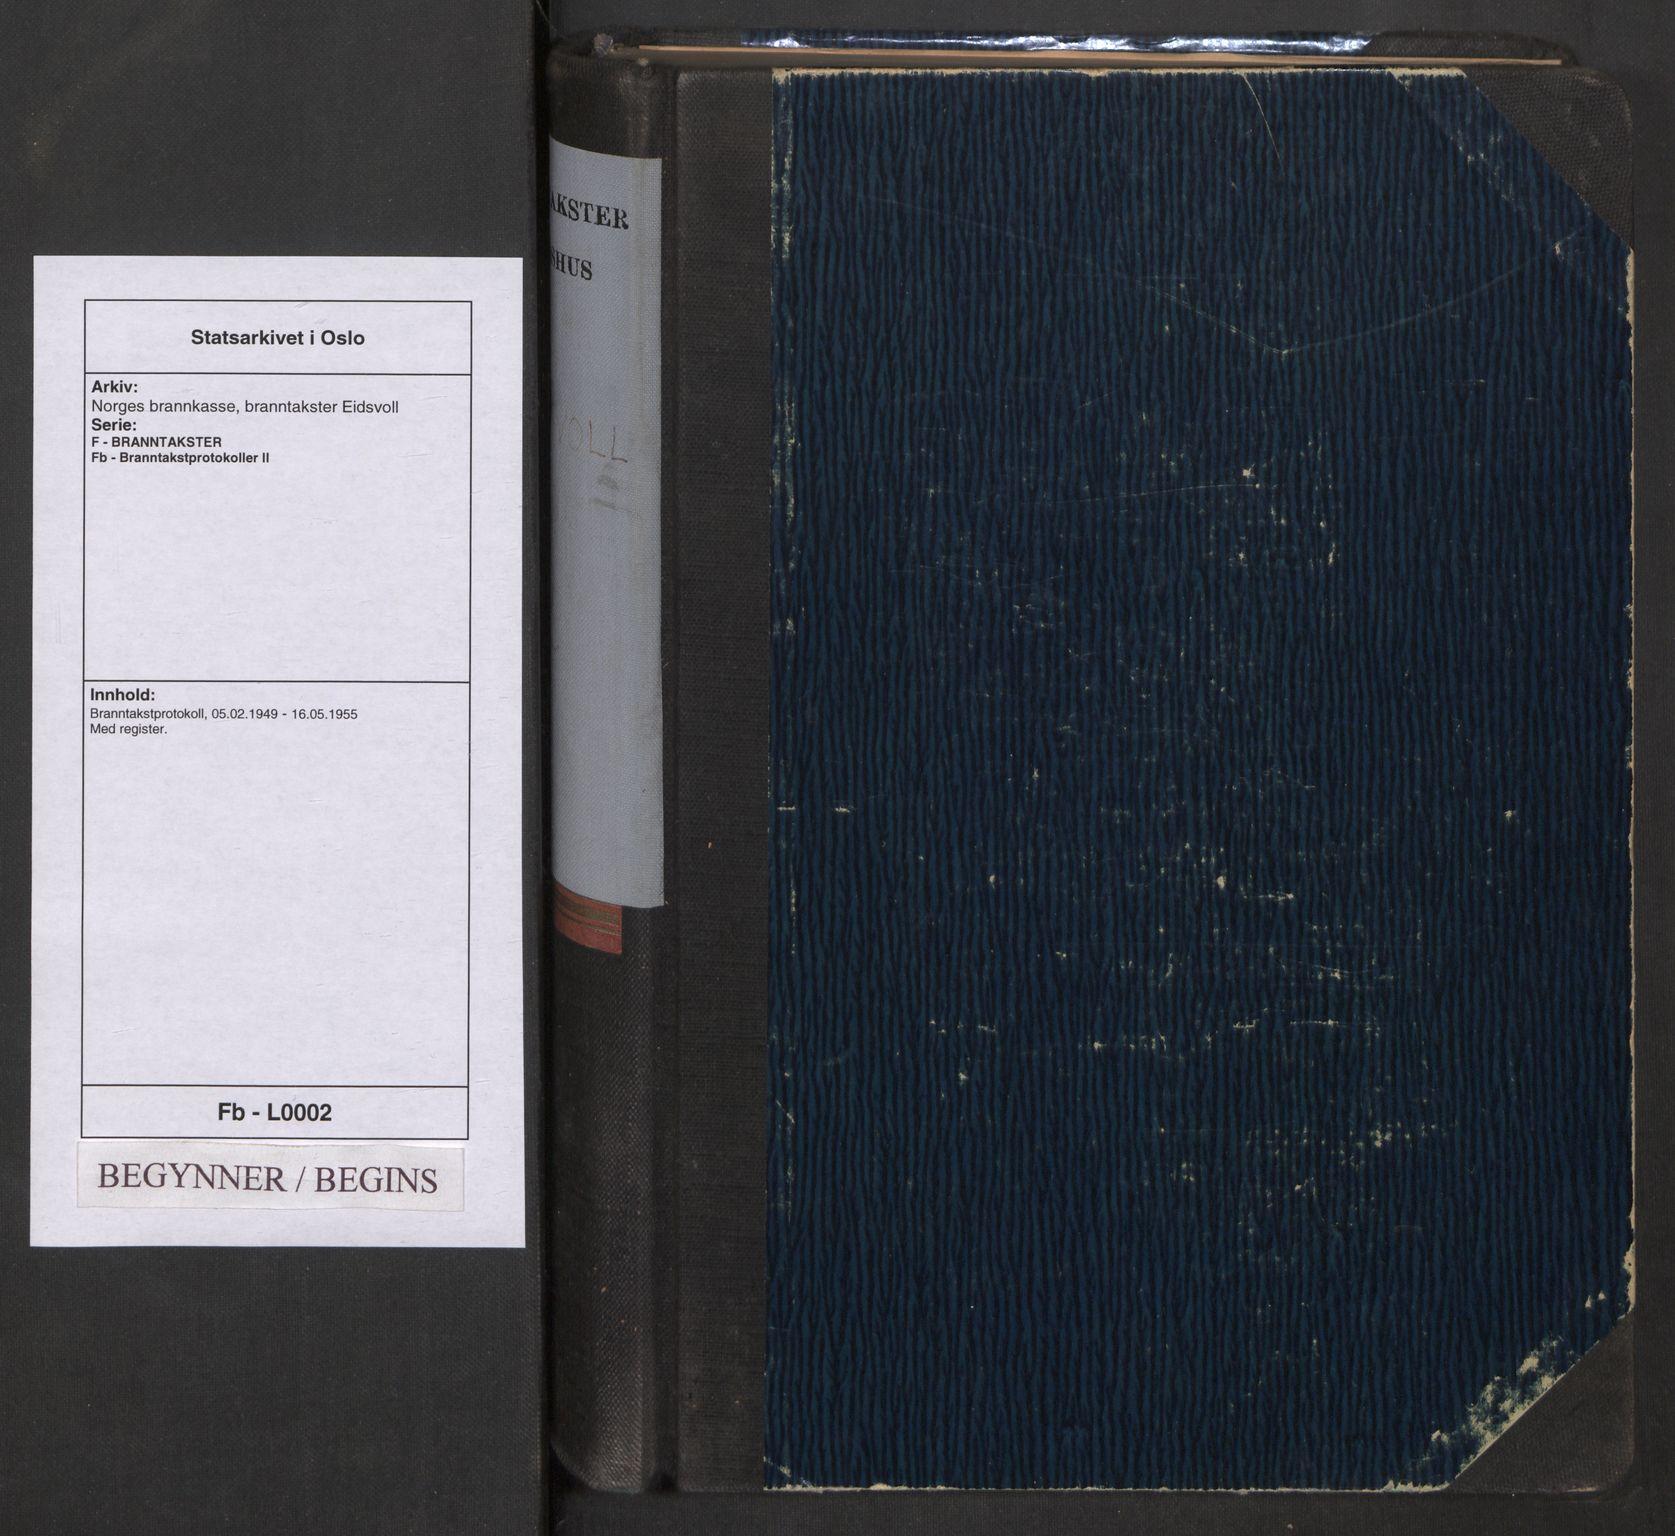 SAO, Norges brannkasse, branntakster Eidsvoll, F/Fb/L0002: Branntakstprotokoll, 1949-1955